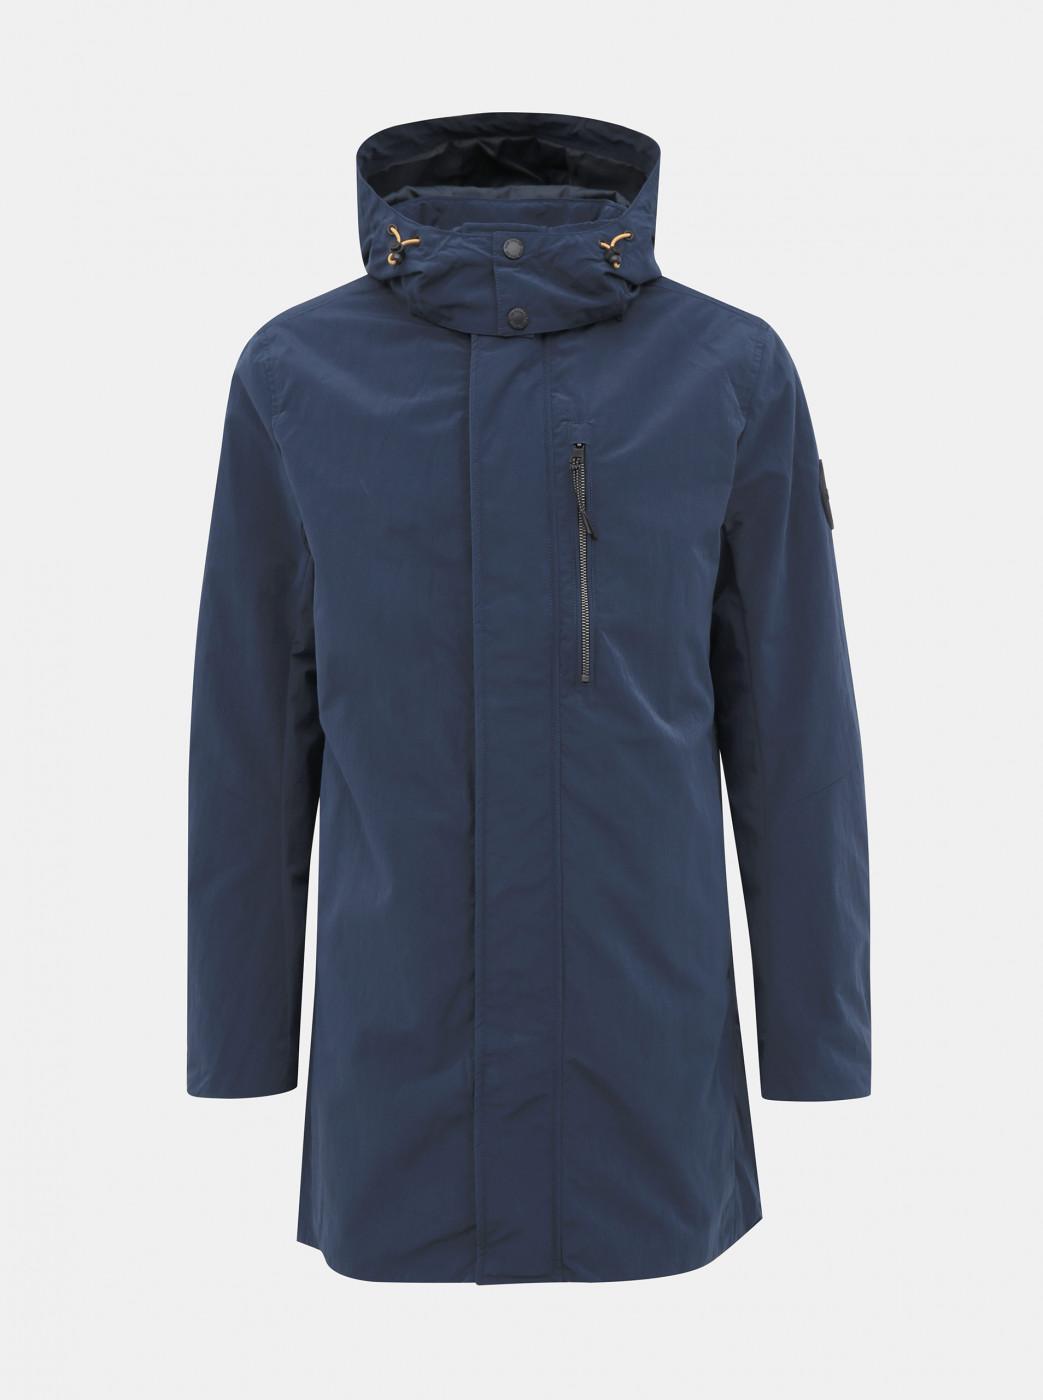 Tom Tailor's Dark Blue Men's Water-Repellent Jacket